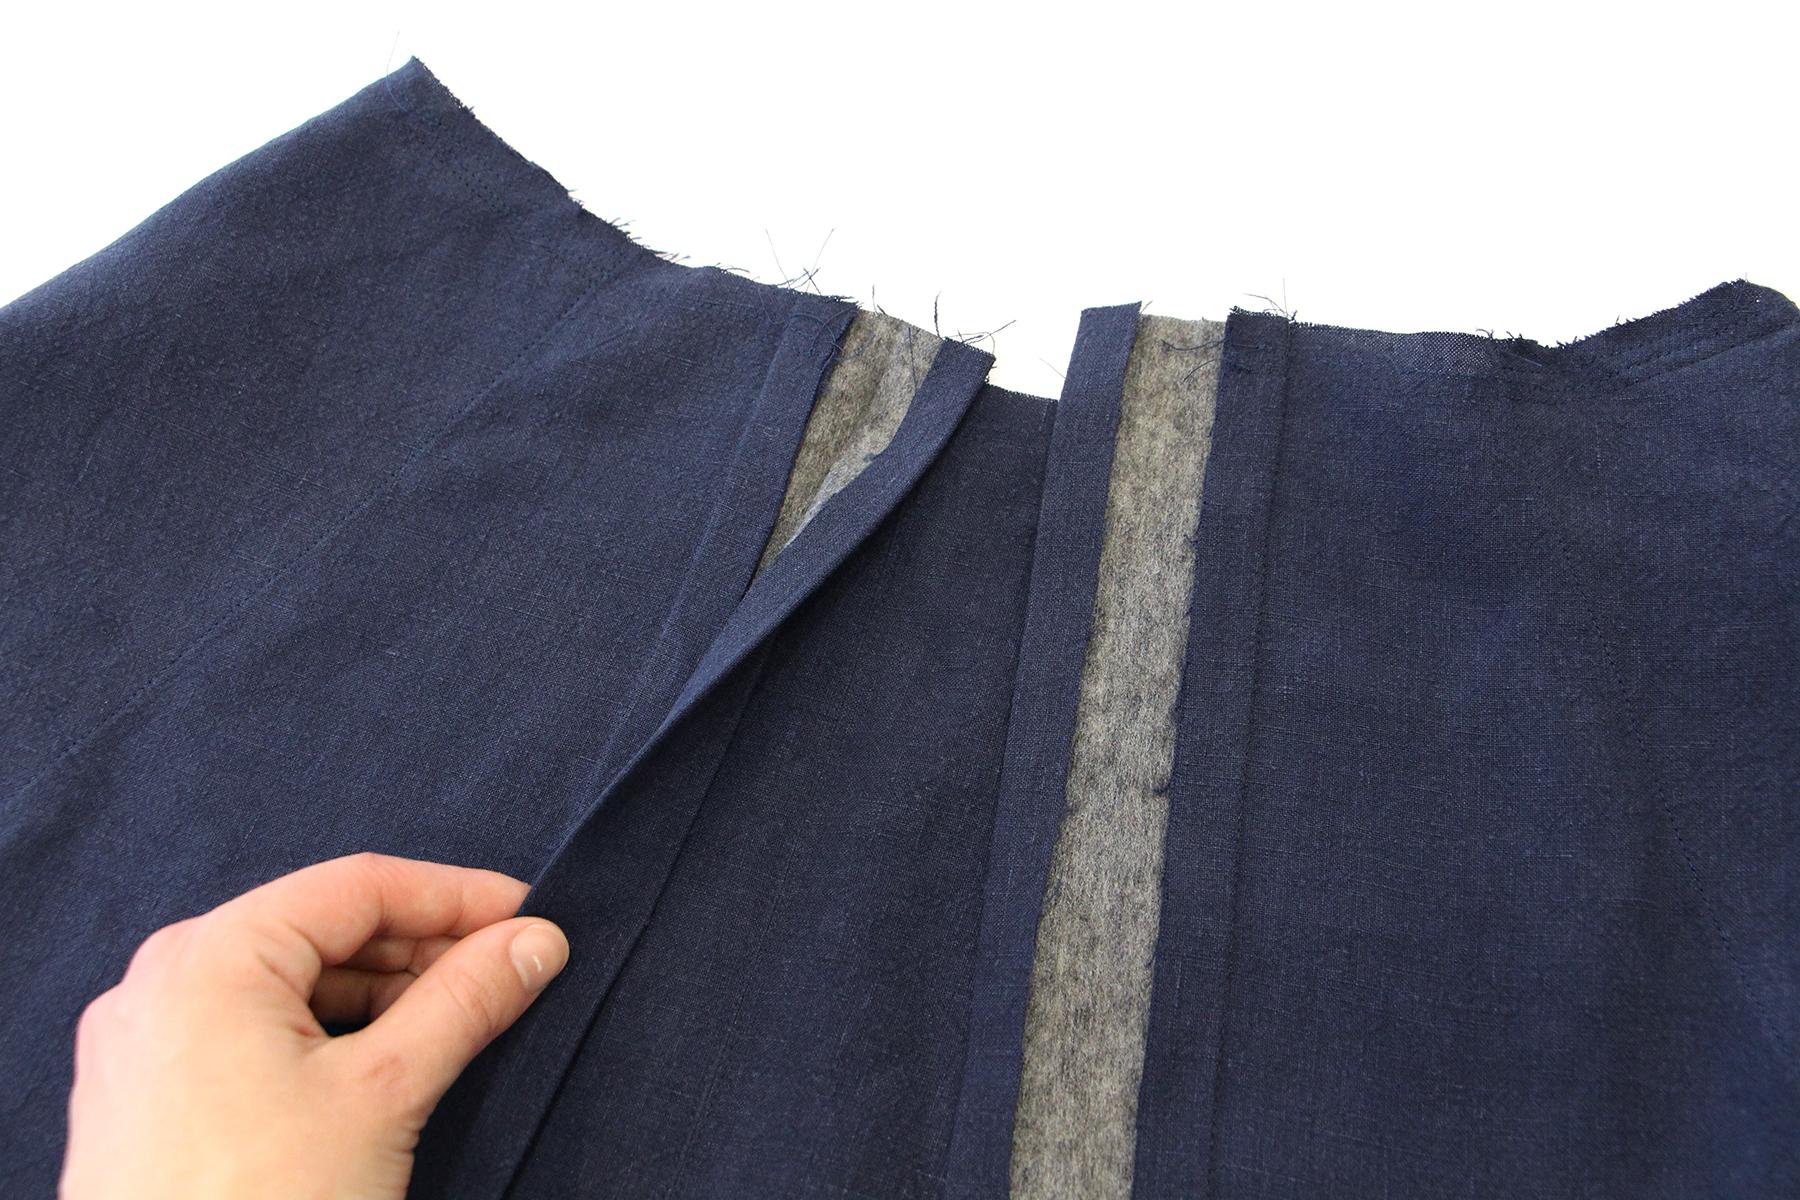 Megan Nielsen Patterns   Matilda Sewalong: Matching Set Hack   Pressing & Folding Your Skirt Placket